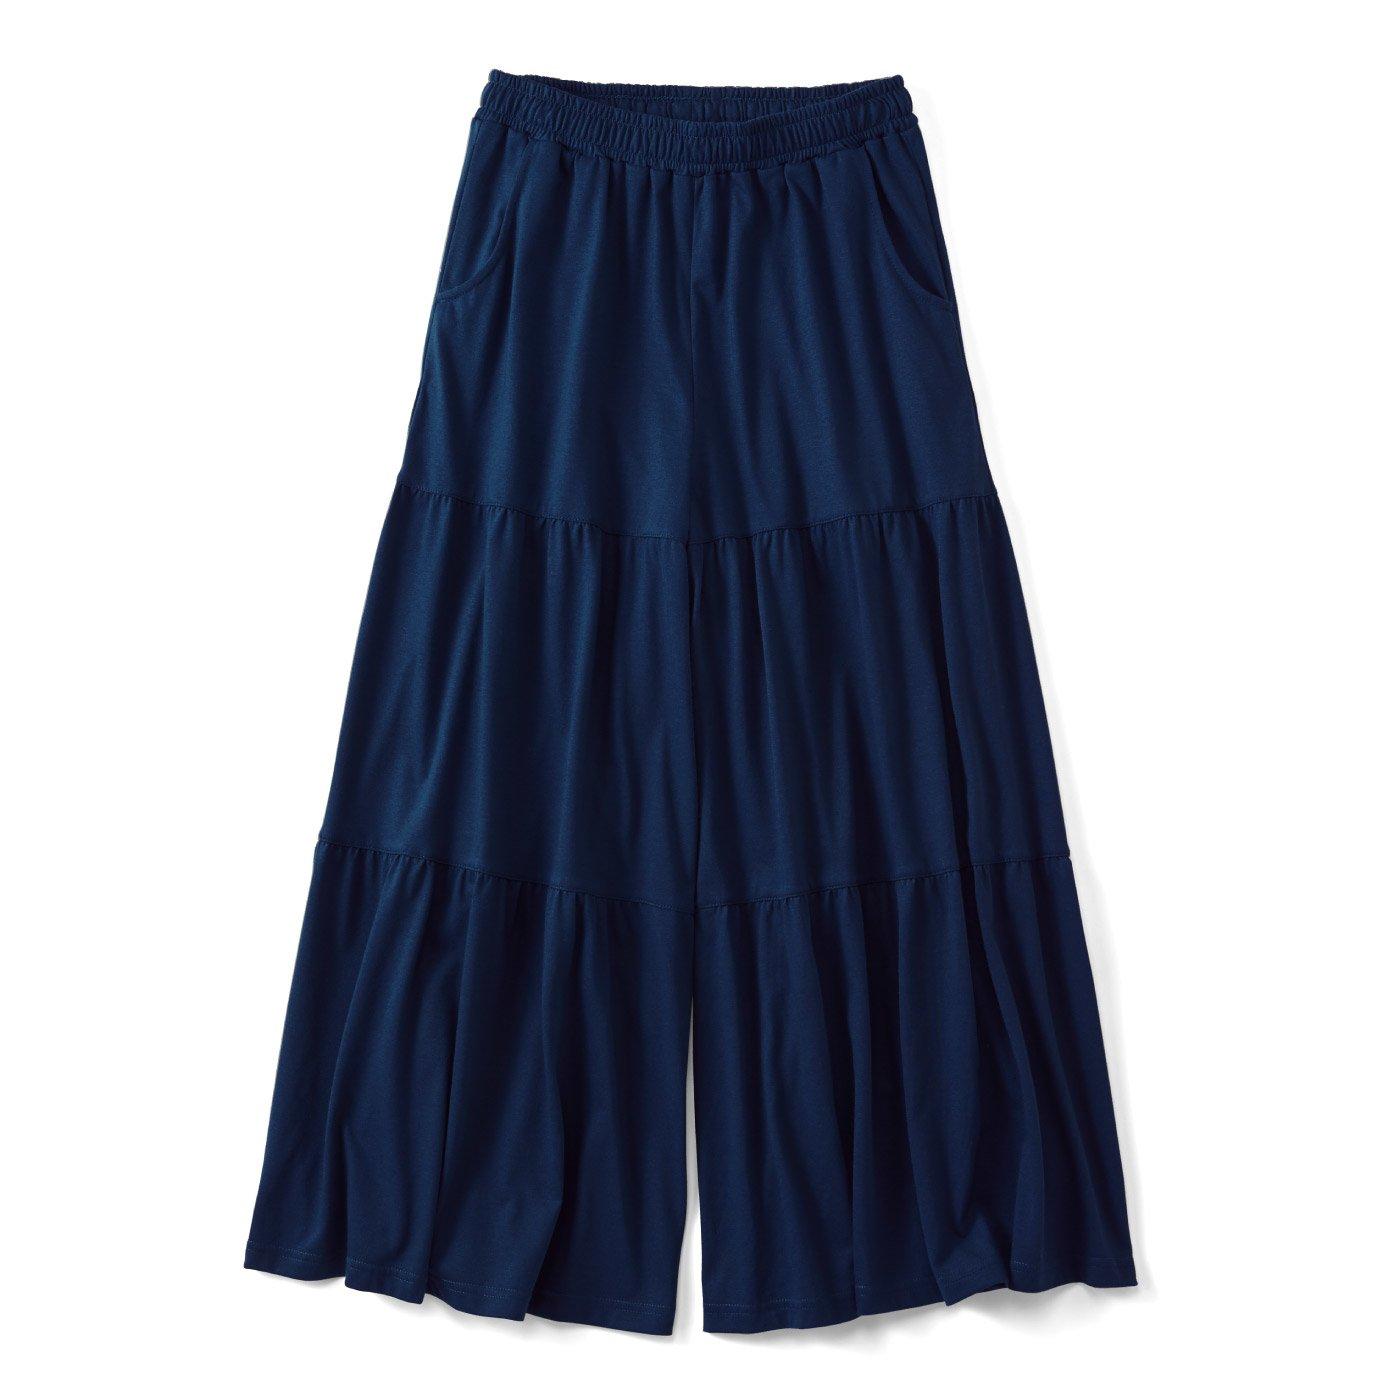 【3~10日でお届け】リブ イン コンフォート スカート気分の やわらかカットソー ティアードガウチョ〈ネイビー〉